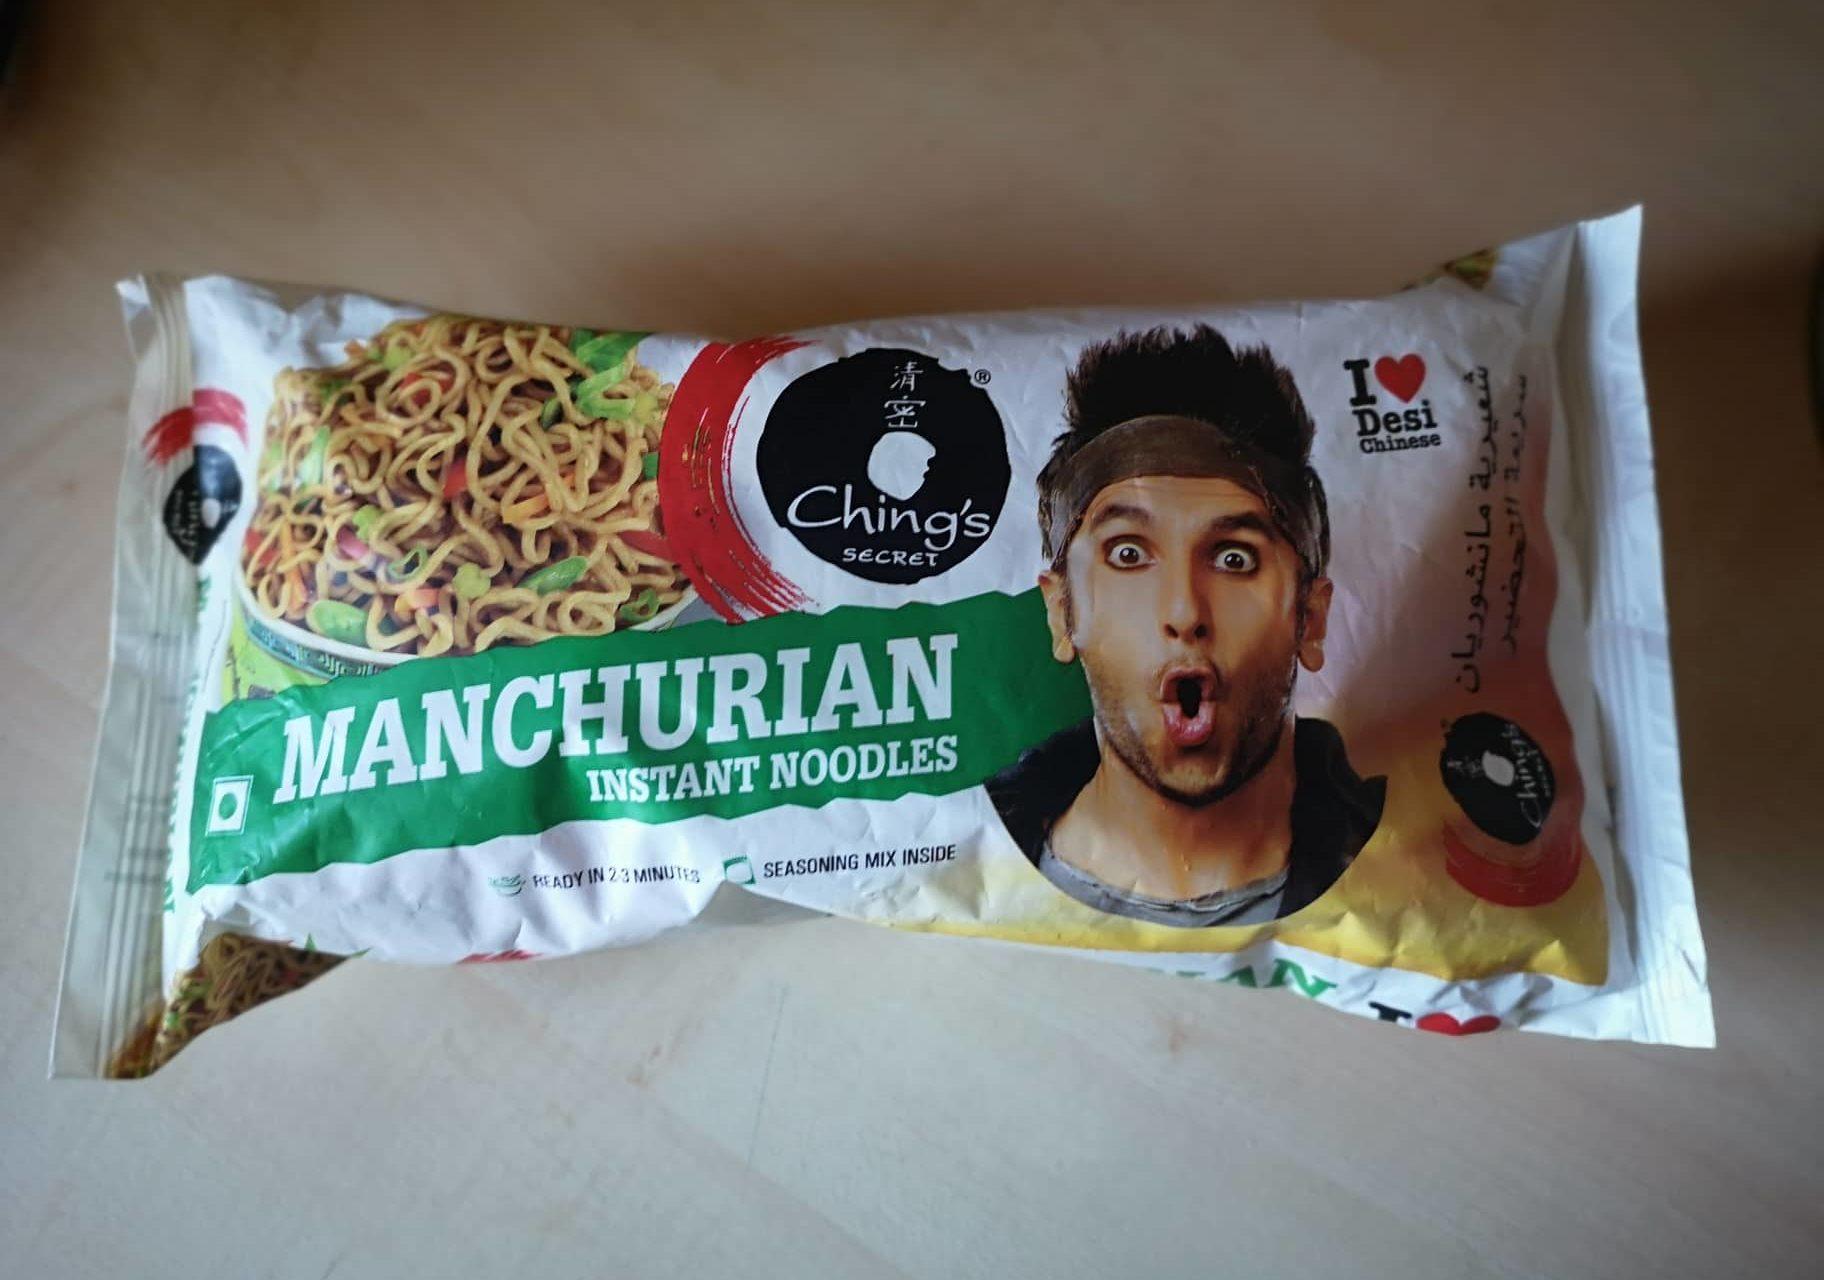 """#1653: Ching's Secret """"Manchurian Instant Noodles"""""""